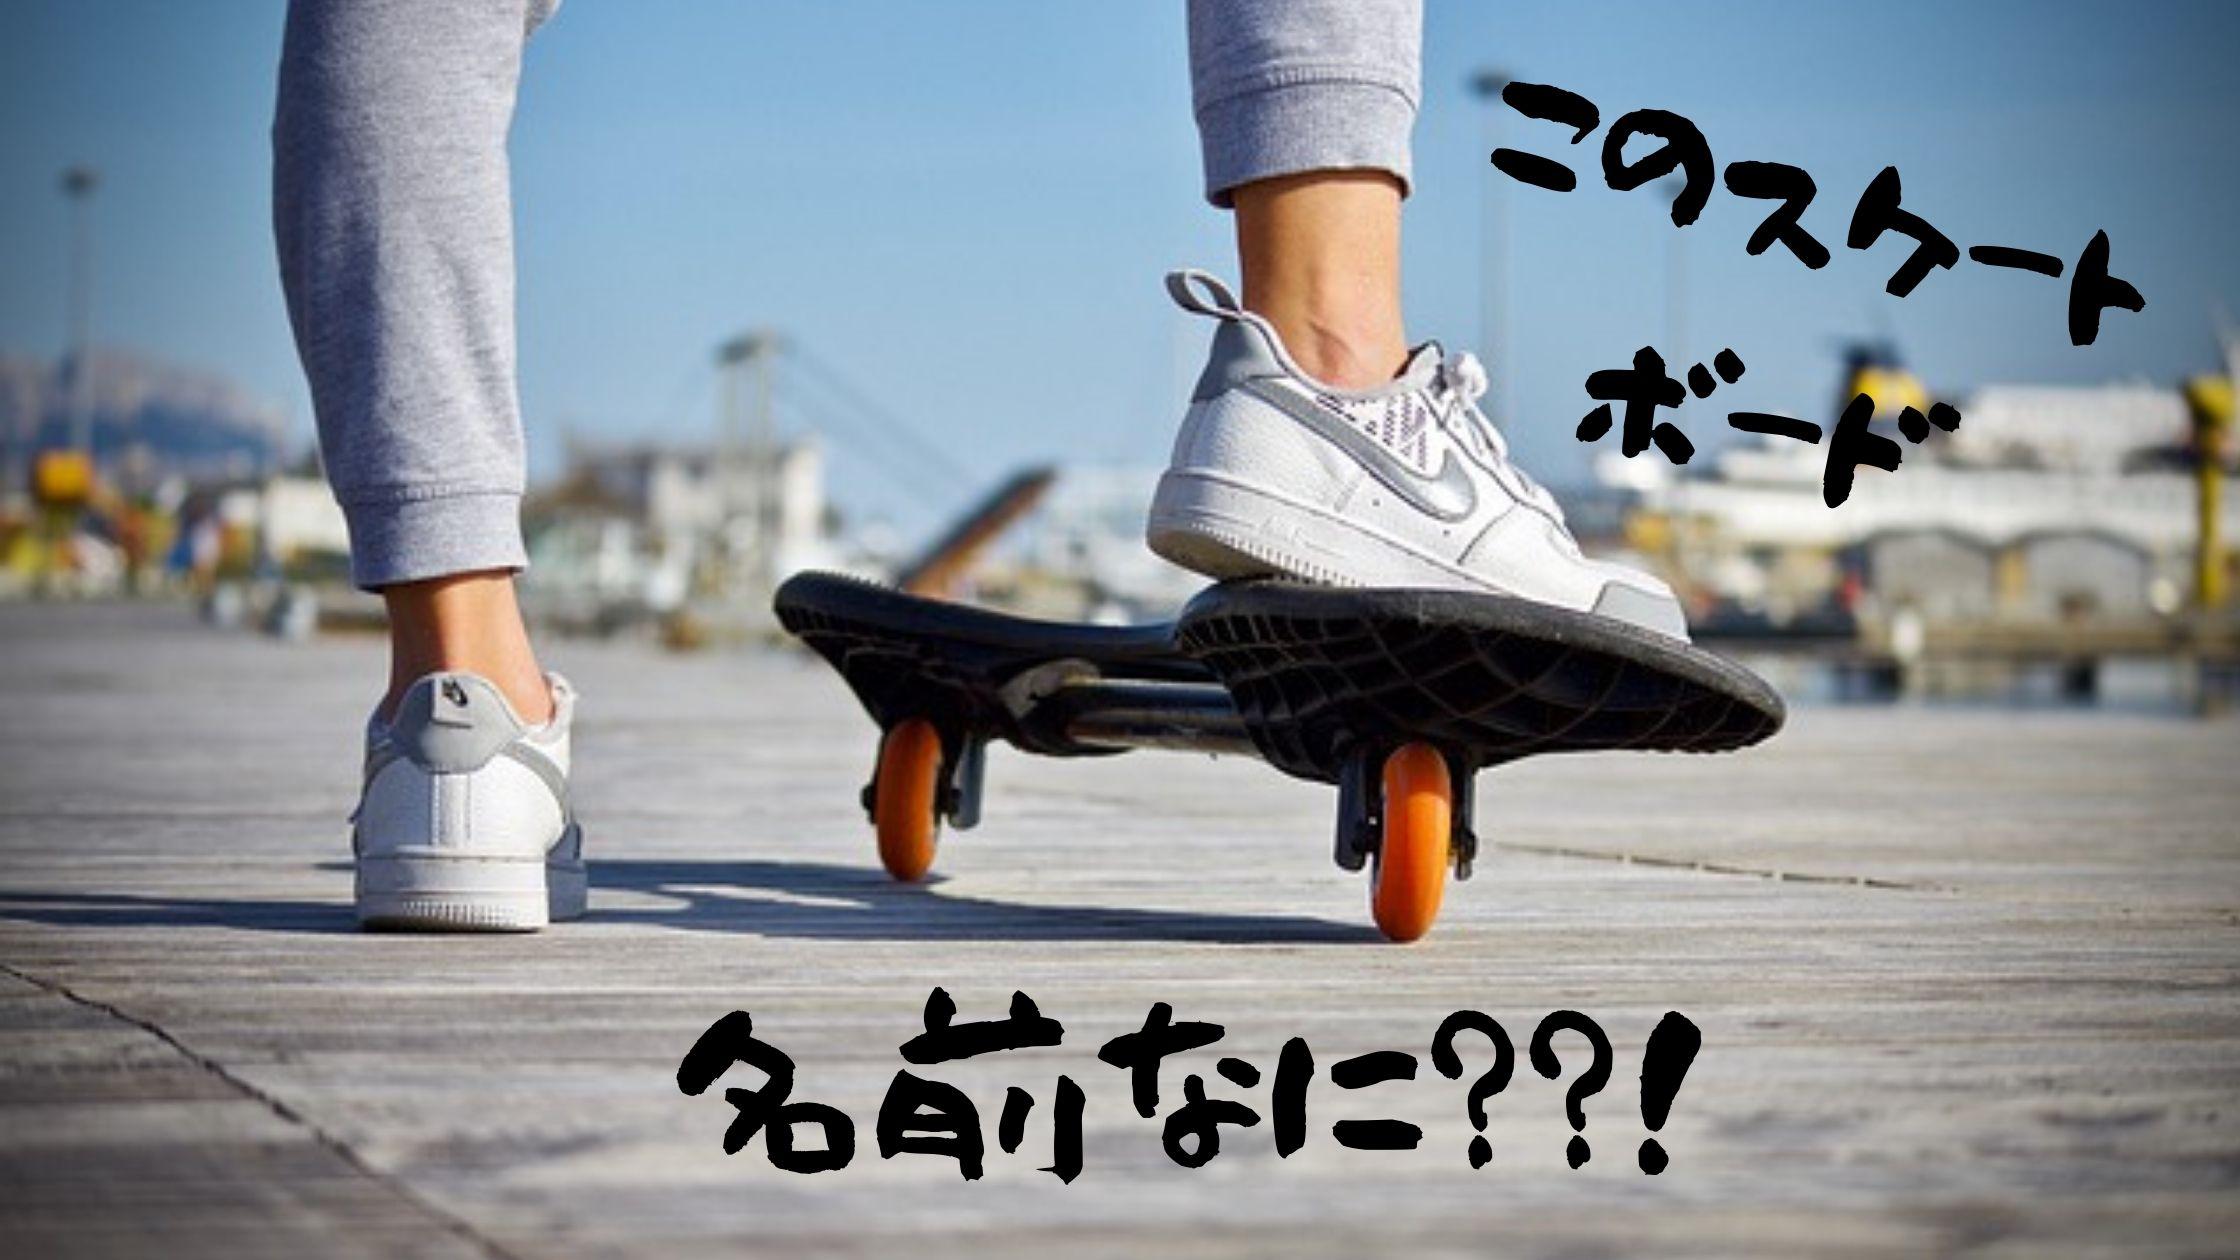 スケートボードみたいな、くねくねした乗り物はなに?